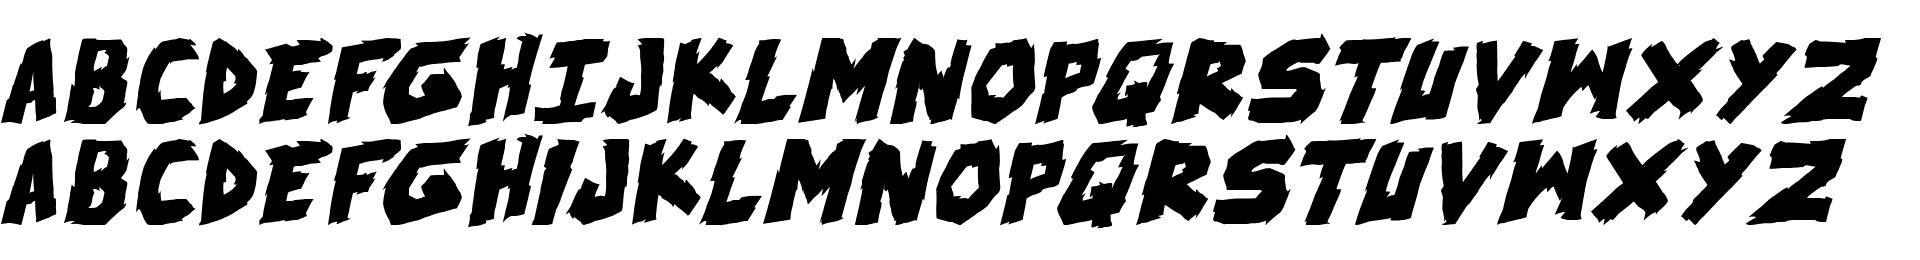 skrunch Bold Italic